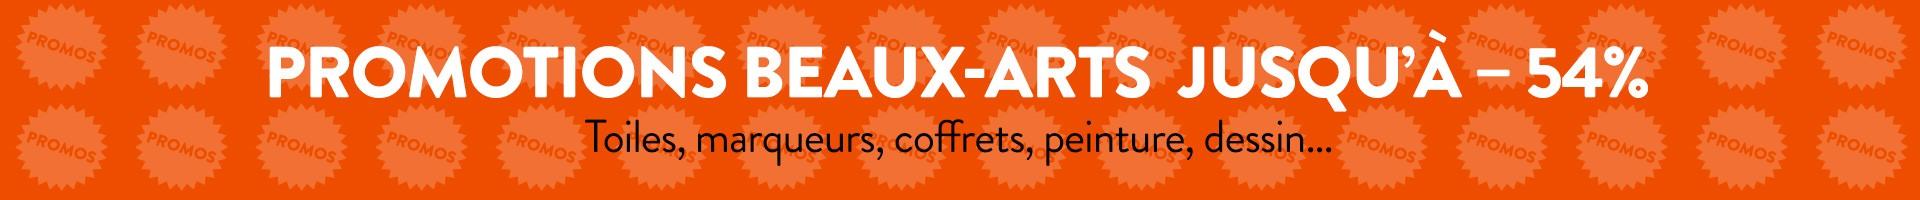 Promotions en Beaux-Arts